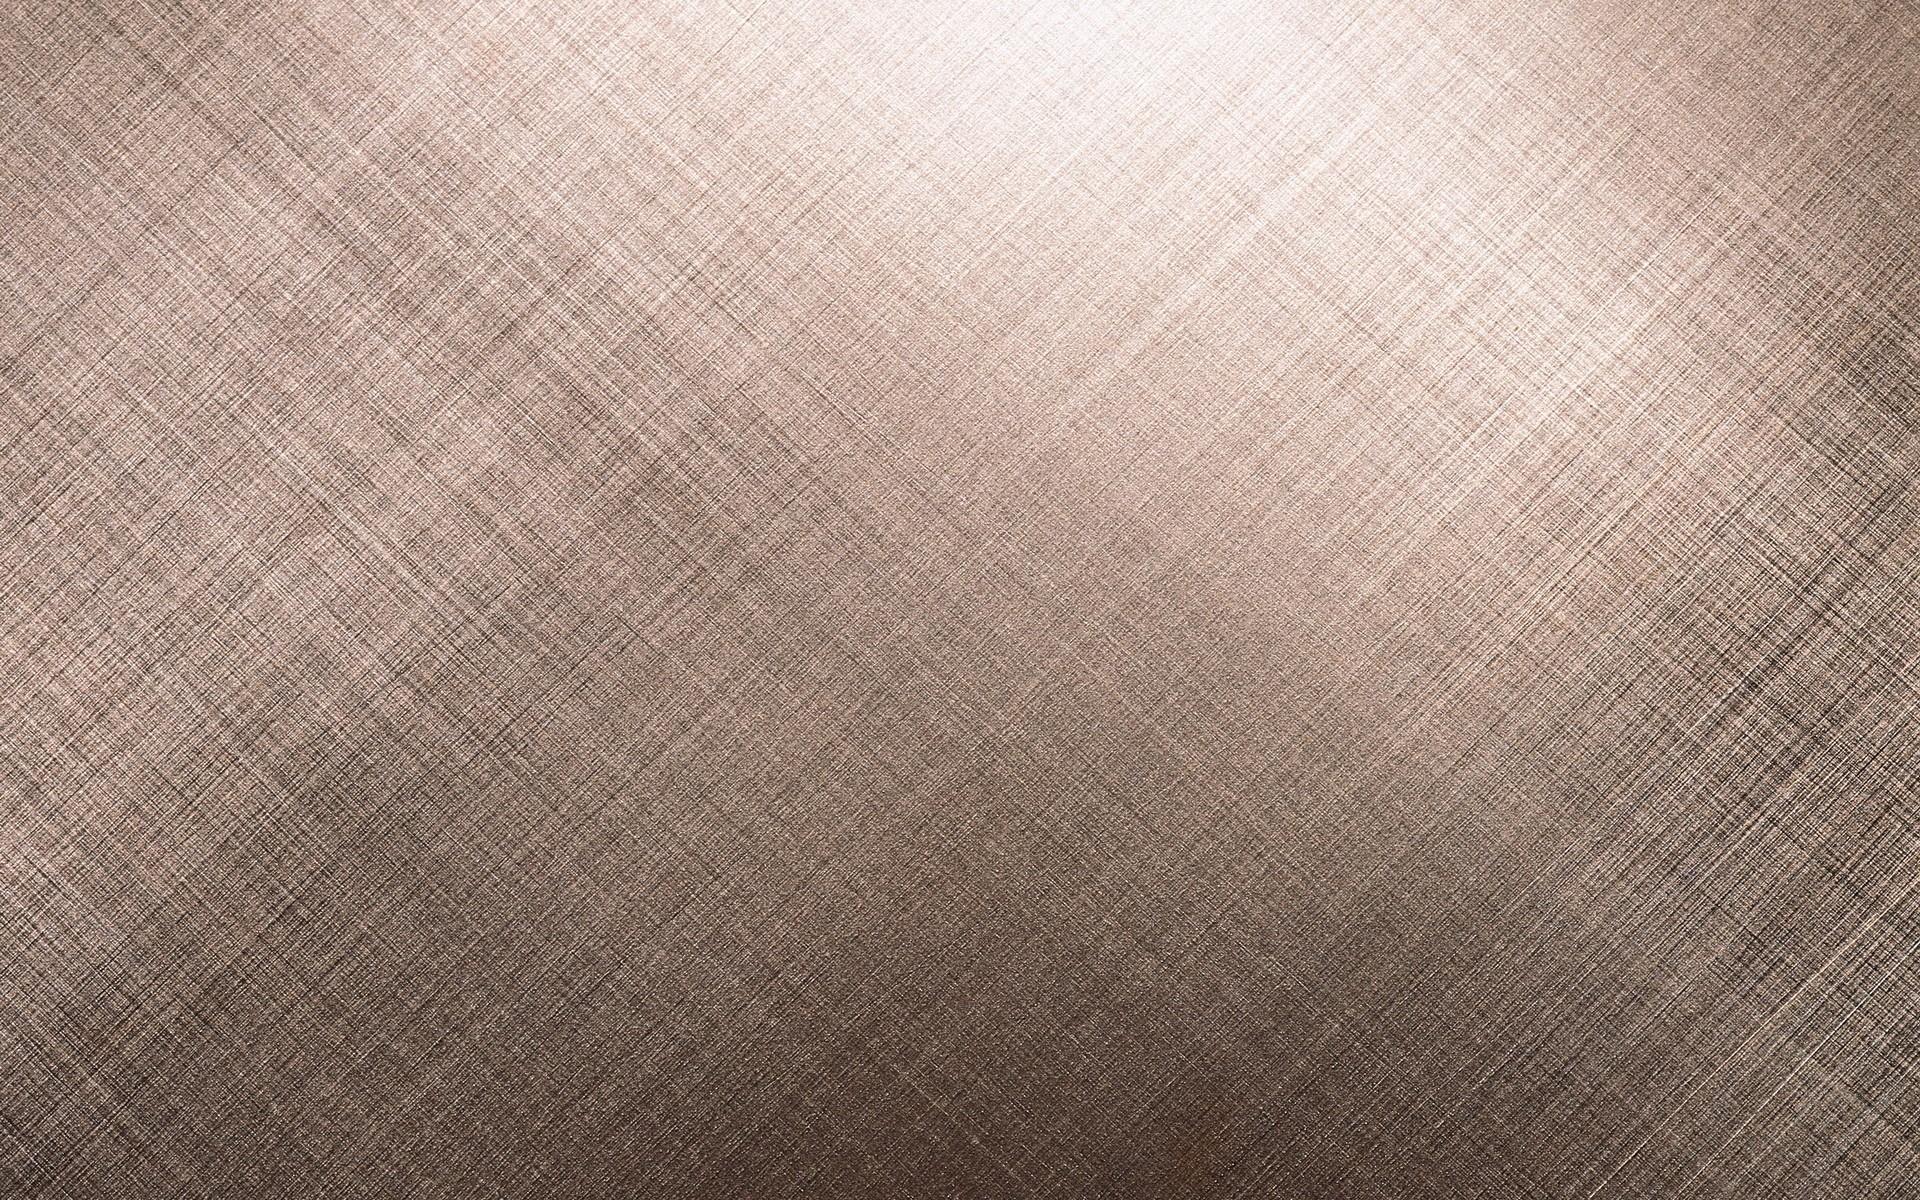 Textura de tela delgada - 1920x1200